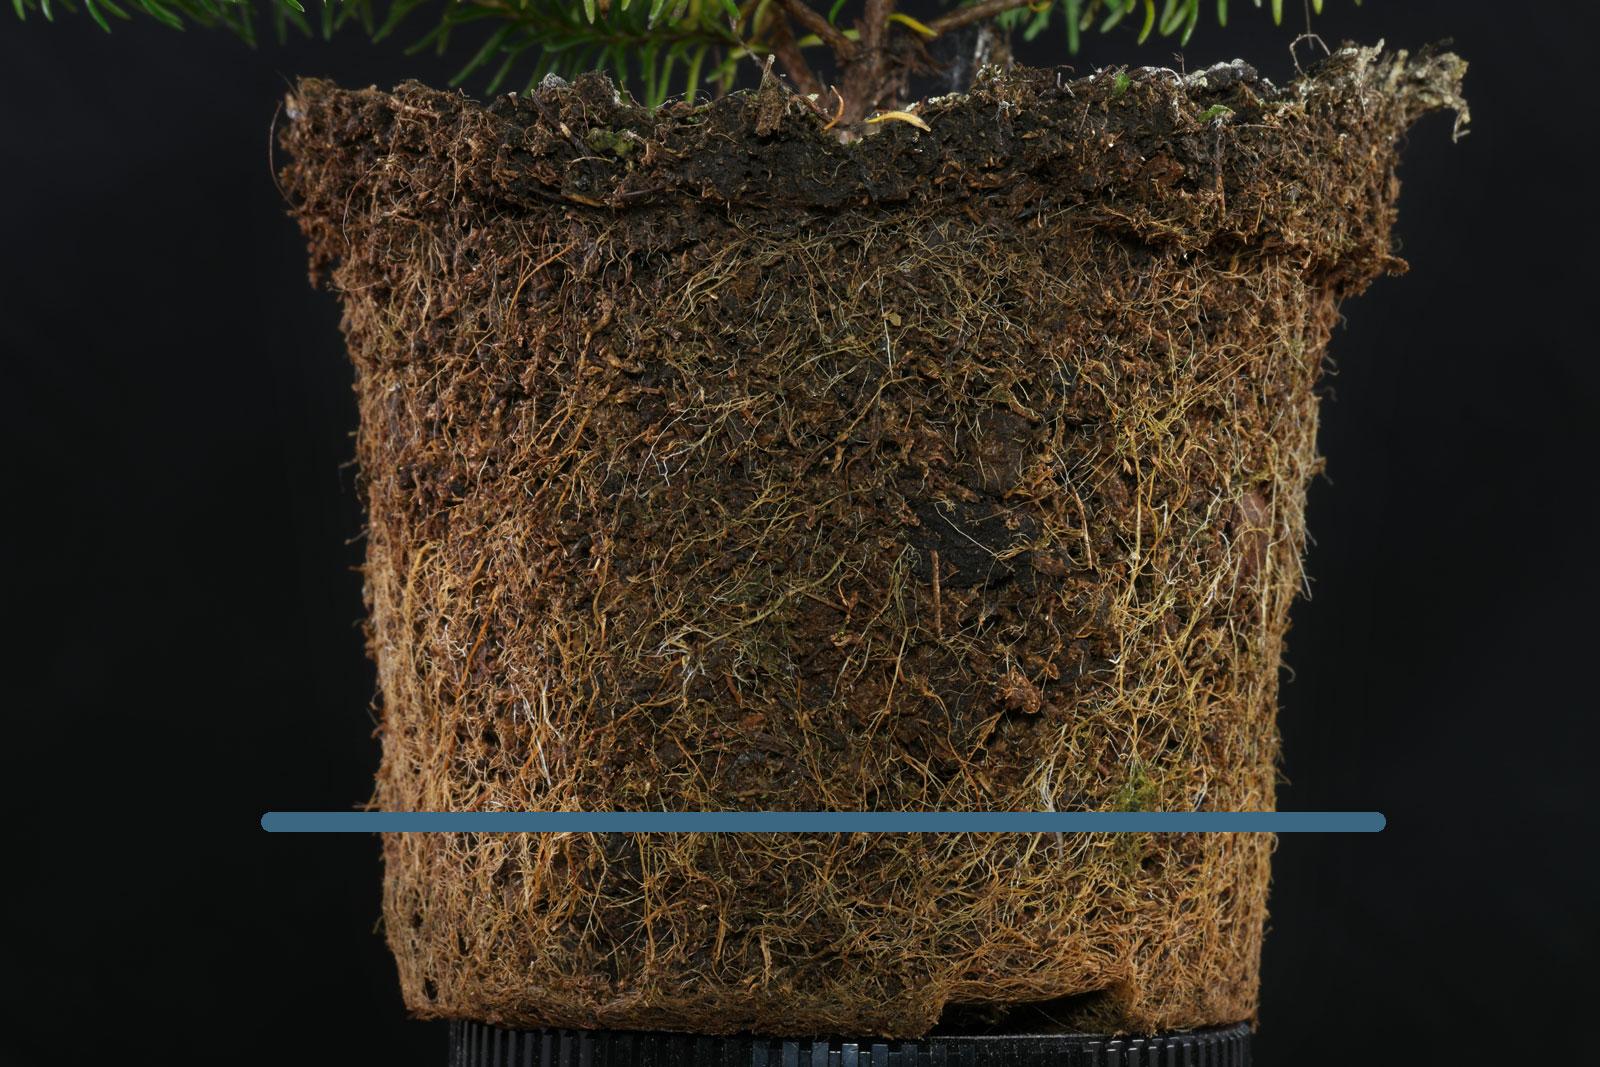 Erica ventricosa roots